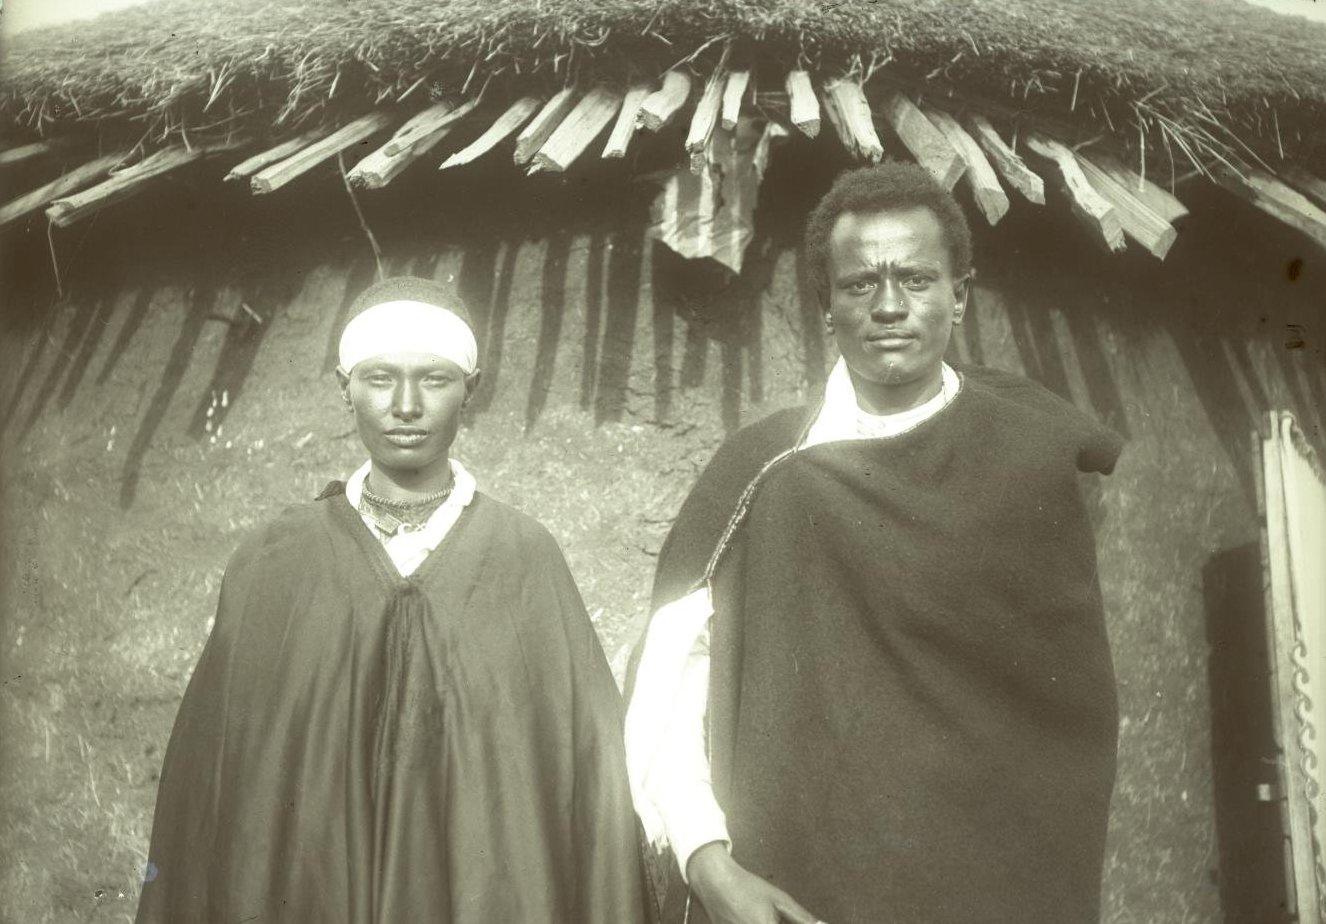 366. 1899. Абиссиния, Аддис-Абеба. Габра Христос с женой